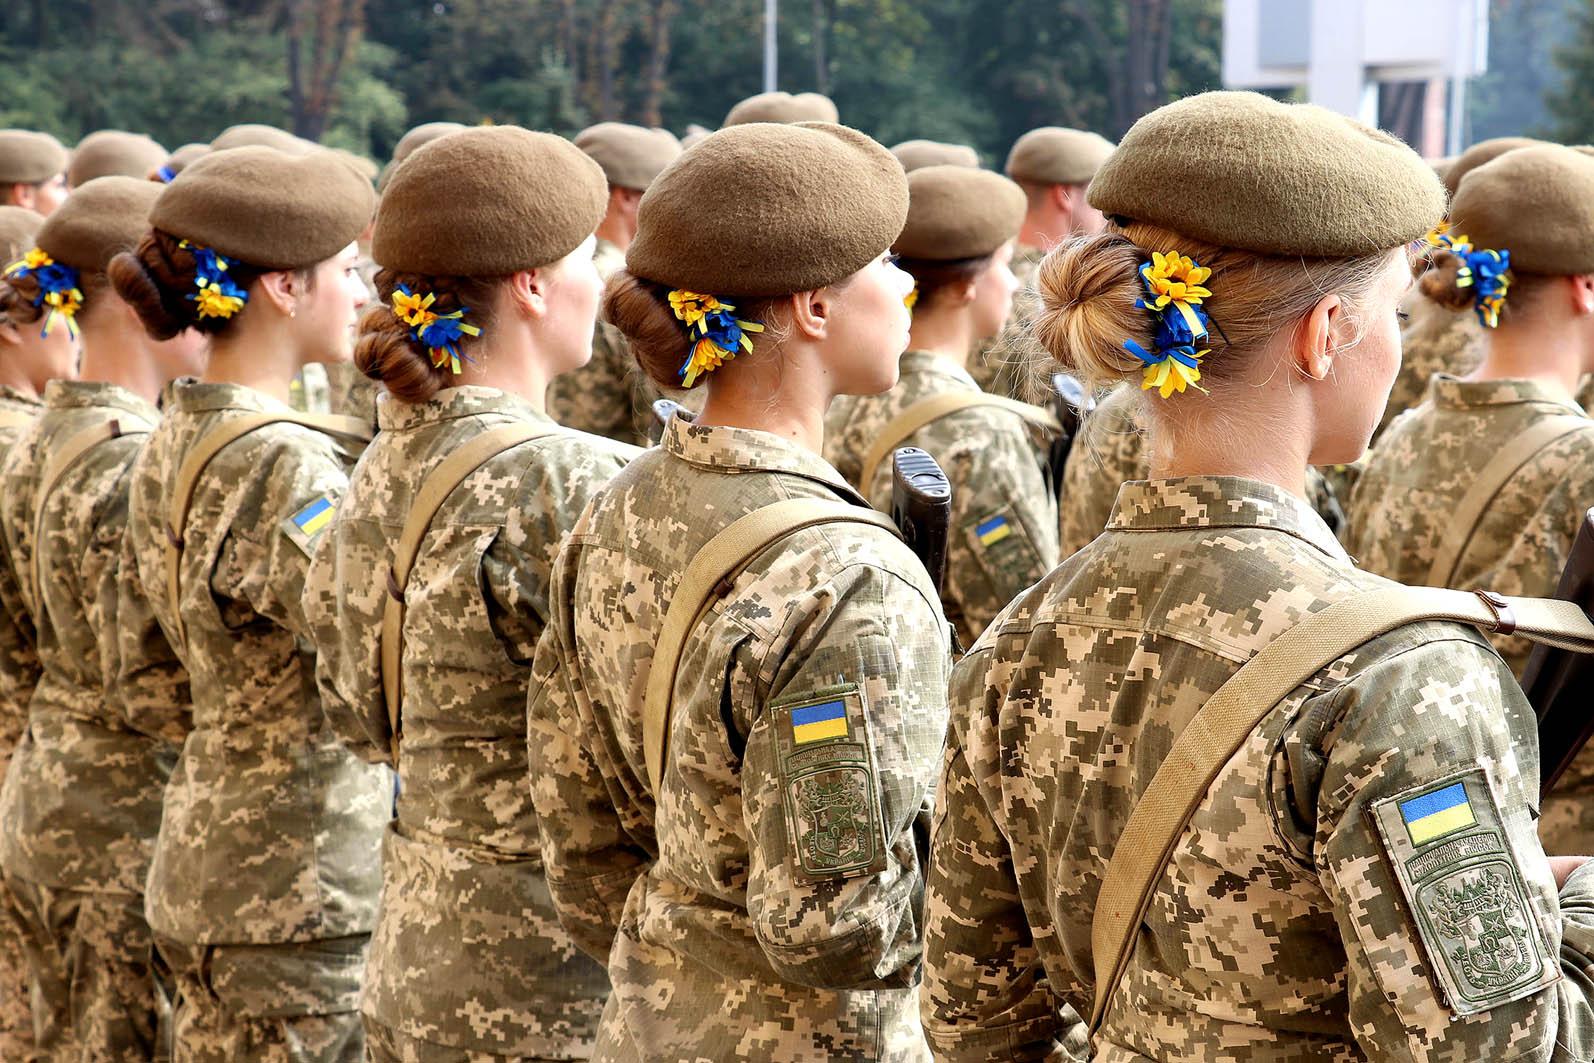 Виновных накажут. В Одессе жестоко избили девушку-военнослужащего. Зеленский не простит